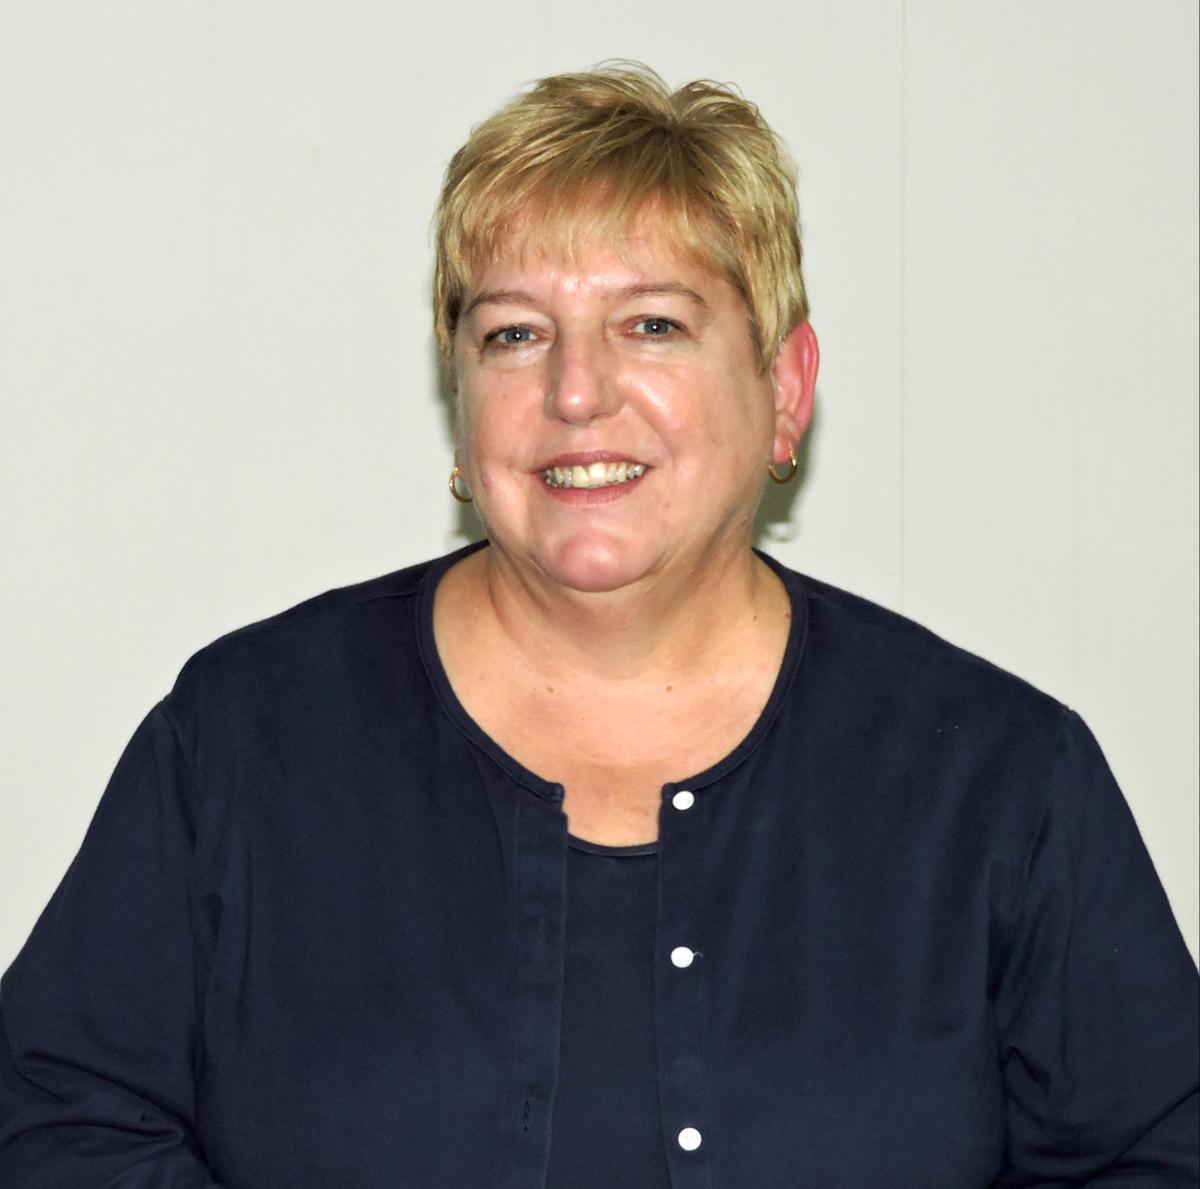 Cindy Furrer